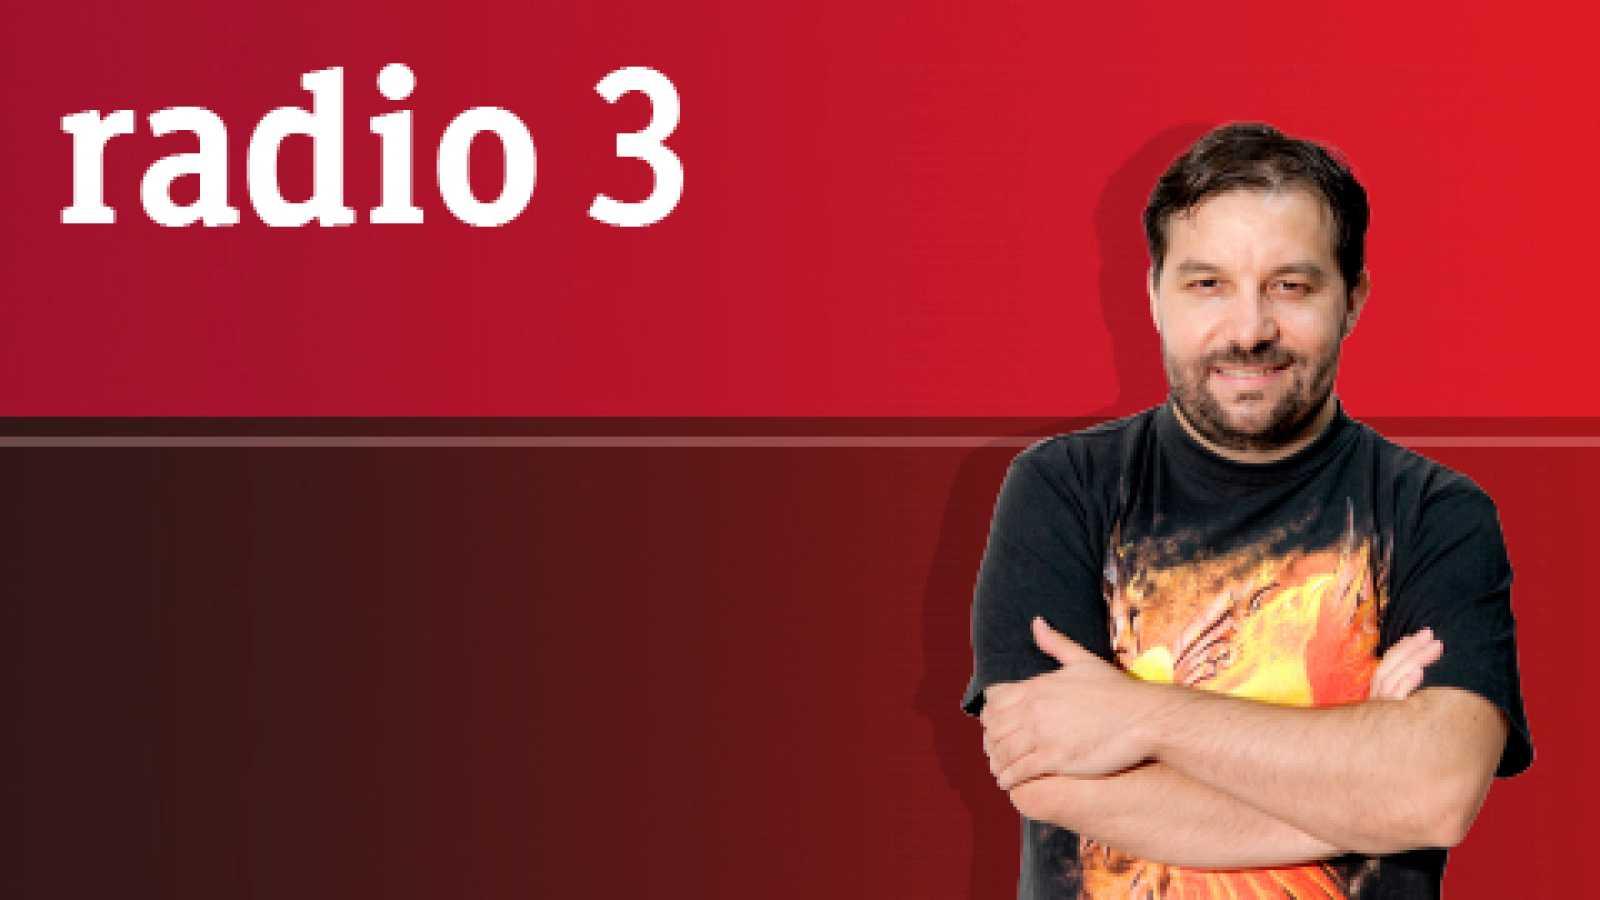 El vuelo del Fénix - Concurso Motorhead, entrevista Rafa Blas - 14/10/13 - escuchar ahora